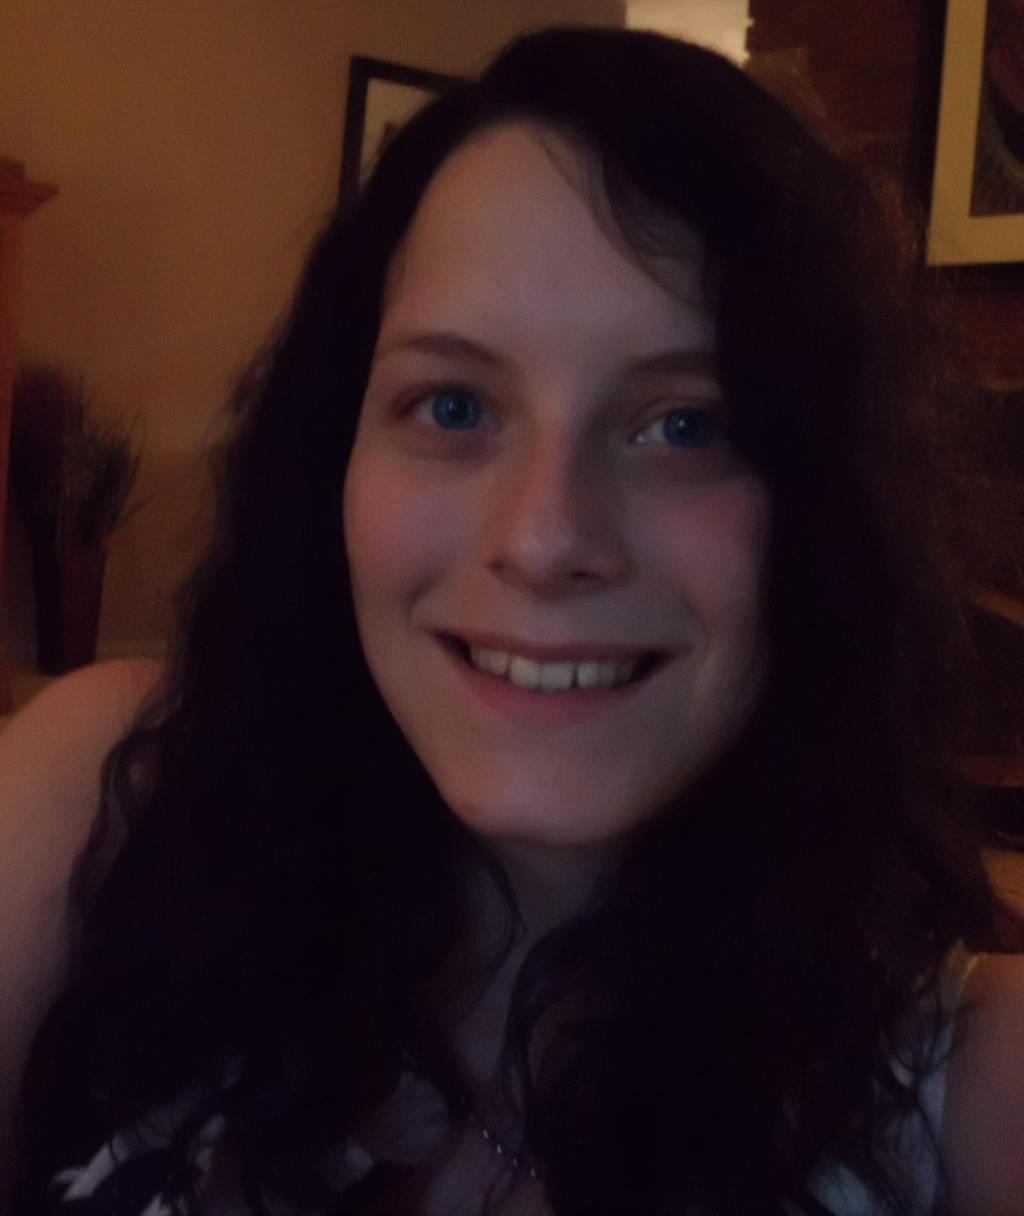 consideredCrazed's Profile Picture